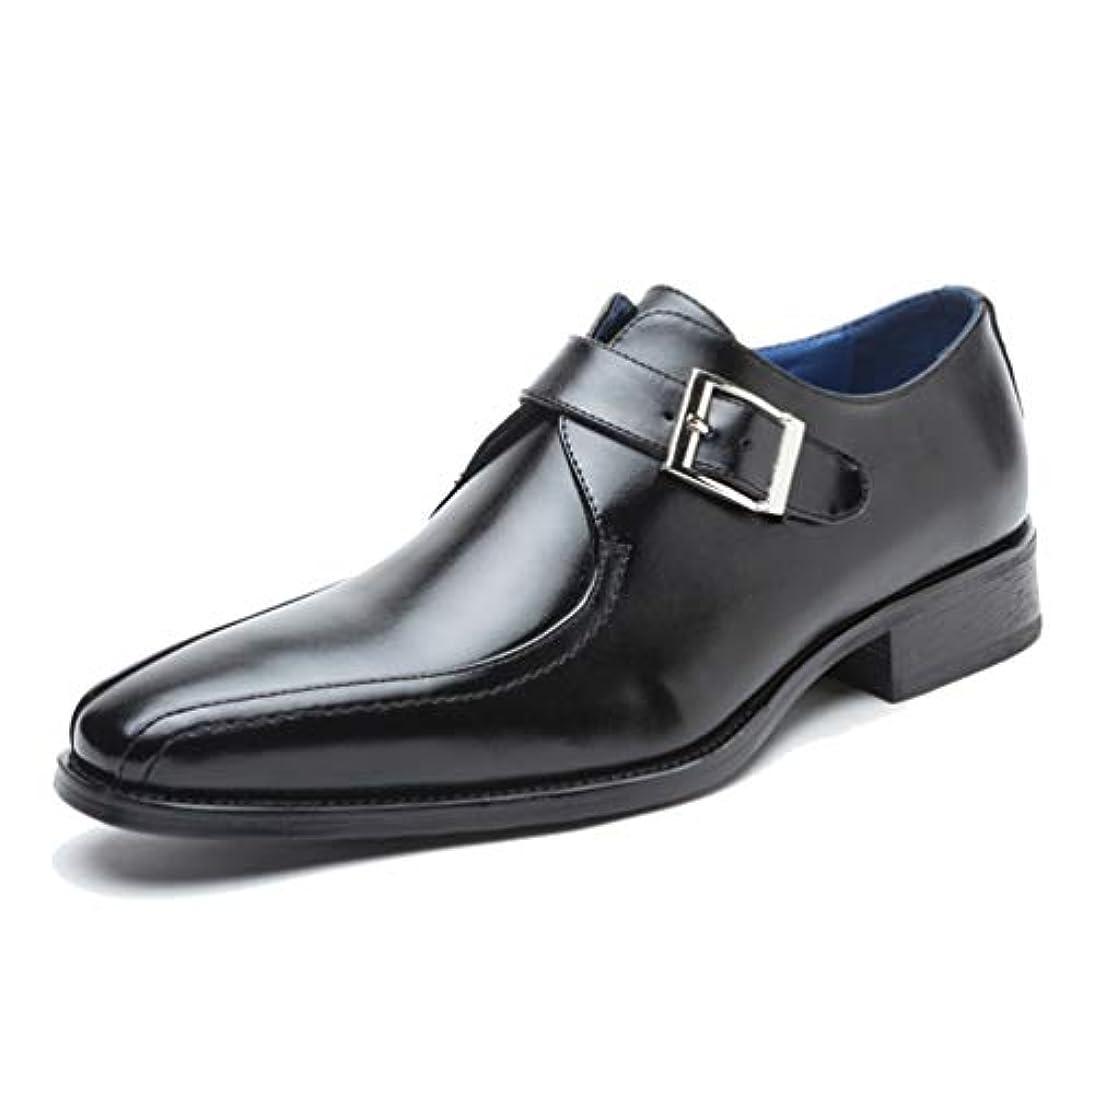 樹木適応列車HAIBON 高品質 メンズビジネスシューズ 2018新番革靴 绅士鞋 牛革 通勤